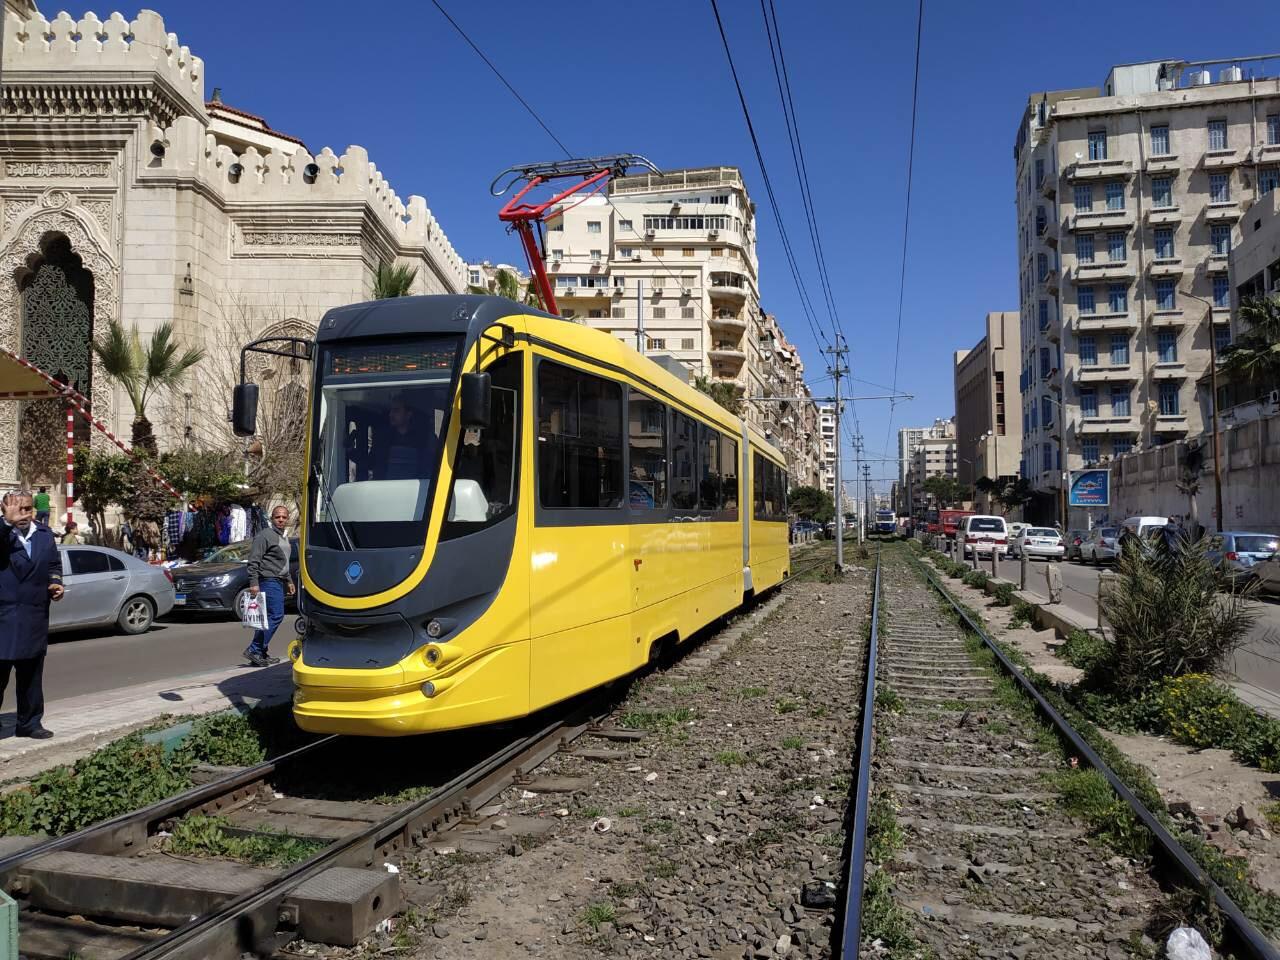 Oproti zkouškám v Dněpru se nová tramvaj pyšní jiným barevným schématem. (foto: Tatra-Jug)